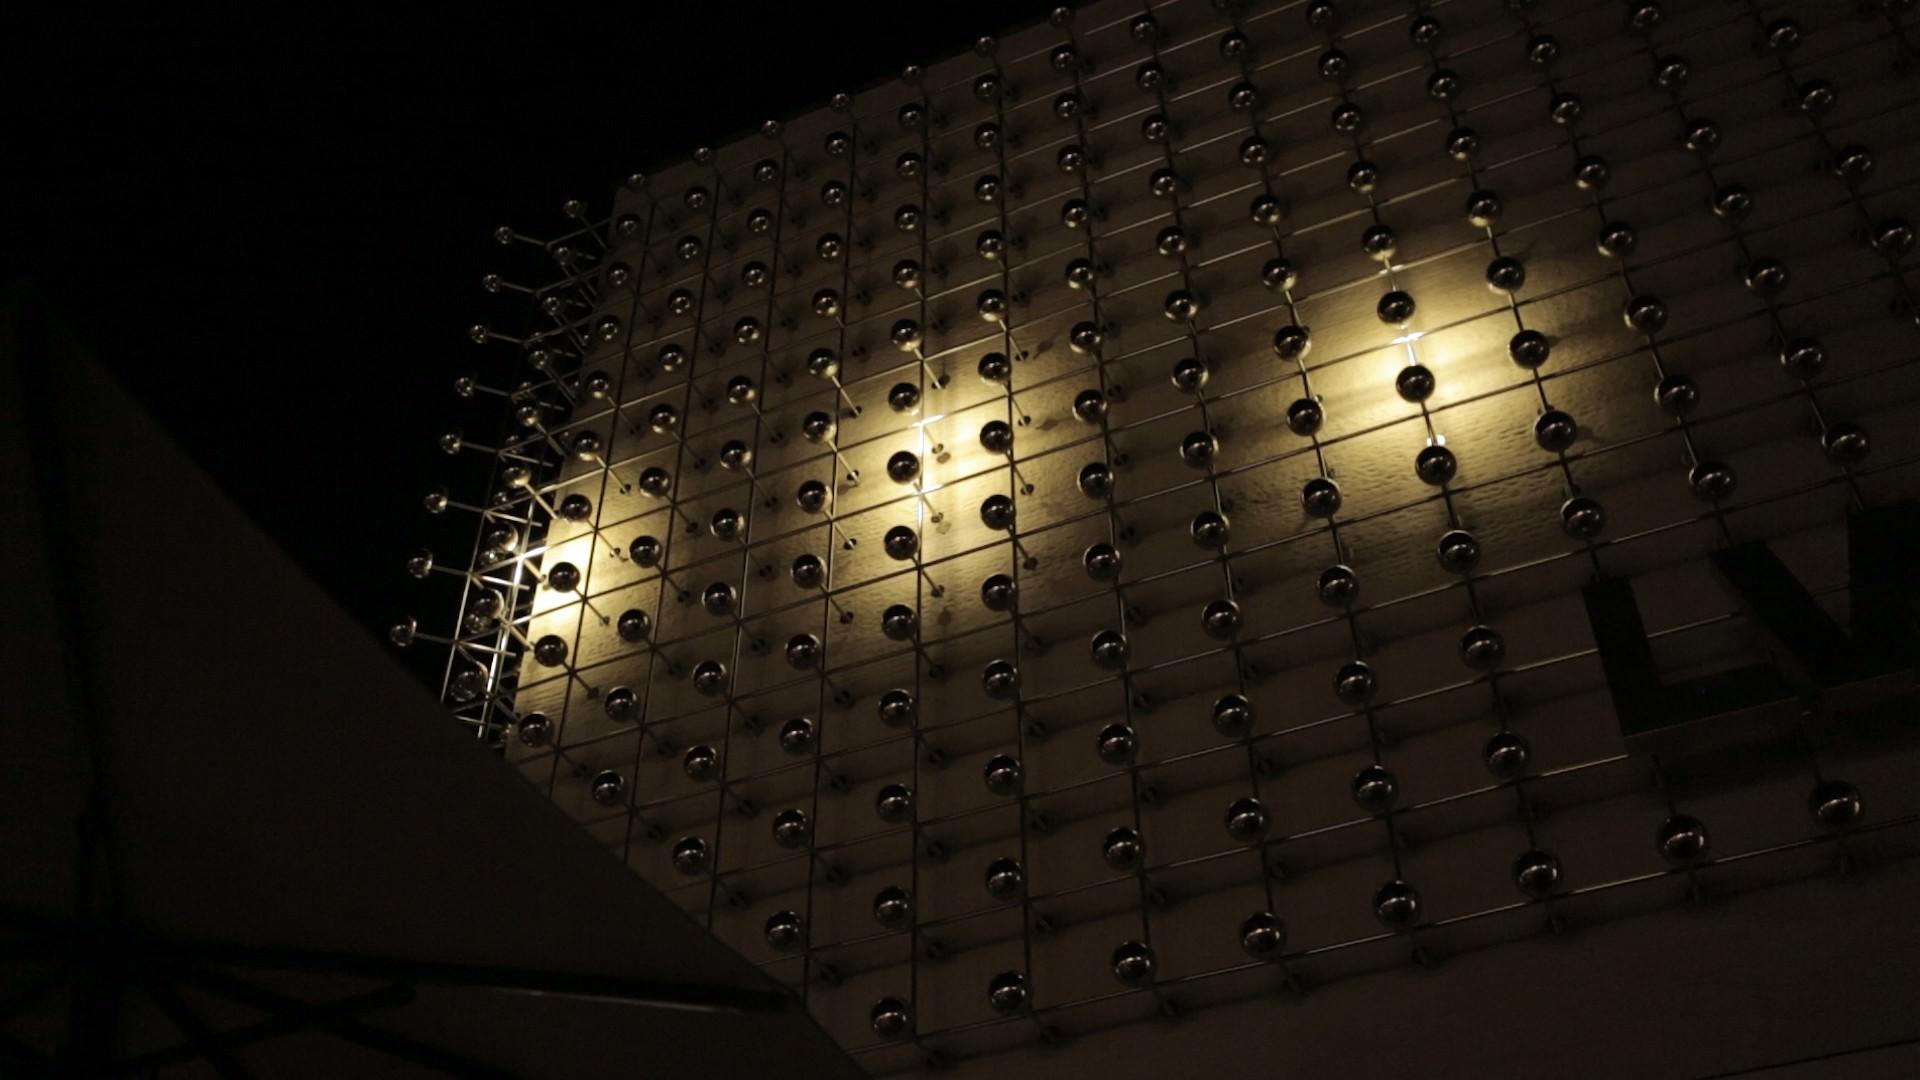 Martin Hesselmeier 13 Studies for Silberne Frequenz by Otto Piene